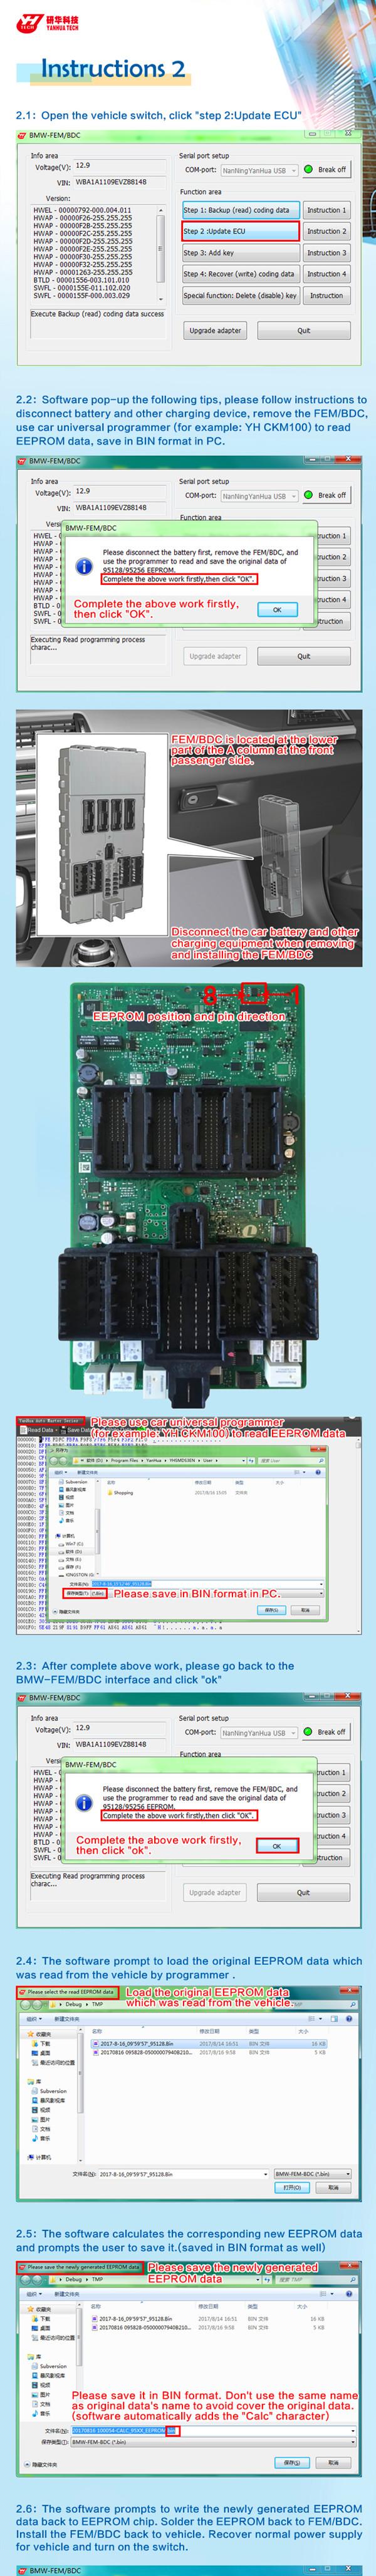 yanhua-bmw-fem-key-programmer-pic-2